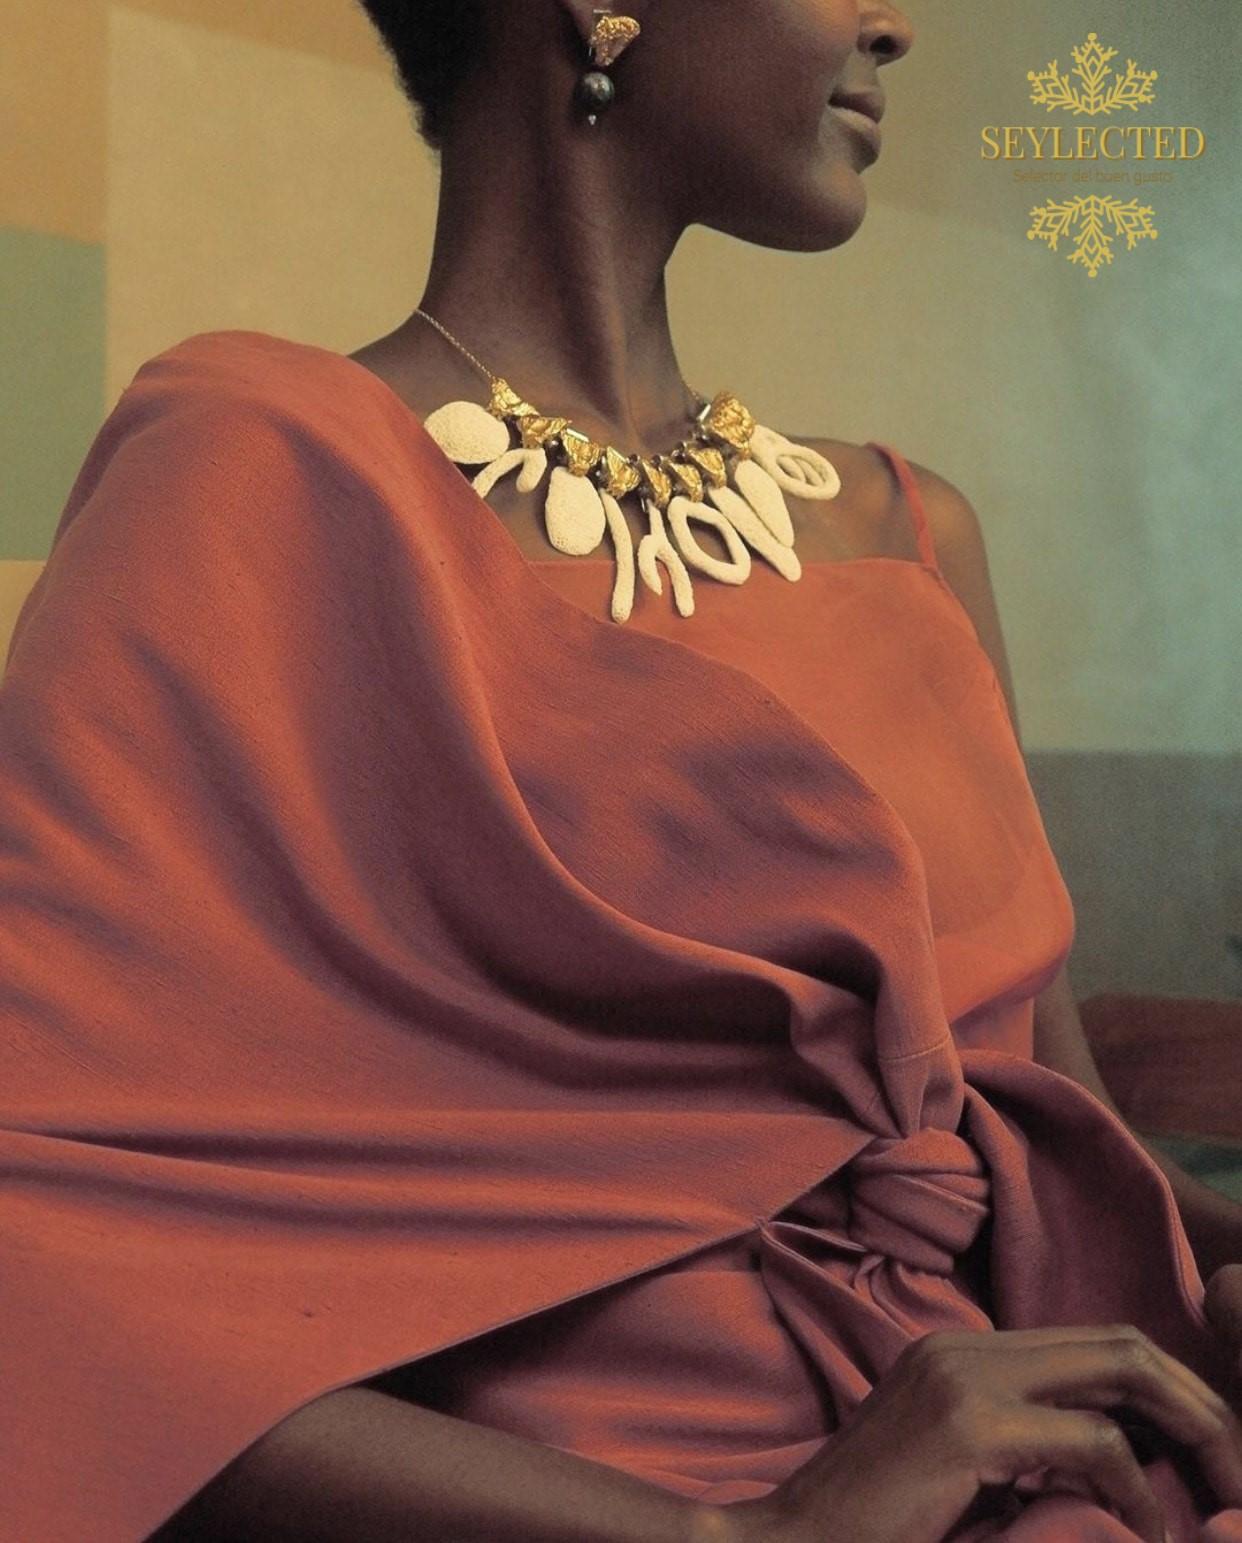 Favorece tanto que puede parecer que sin ese especial vestido, el collar no sería lo mismo. Pero lo cierto es que vistiéndolo con negro o marrones, luciría igual de bien. Fantásticos ambos, el collar y el vestido